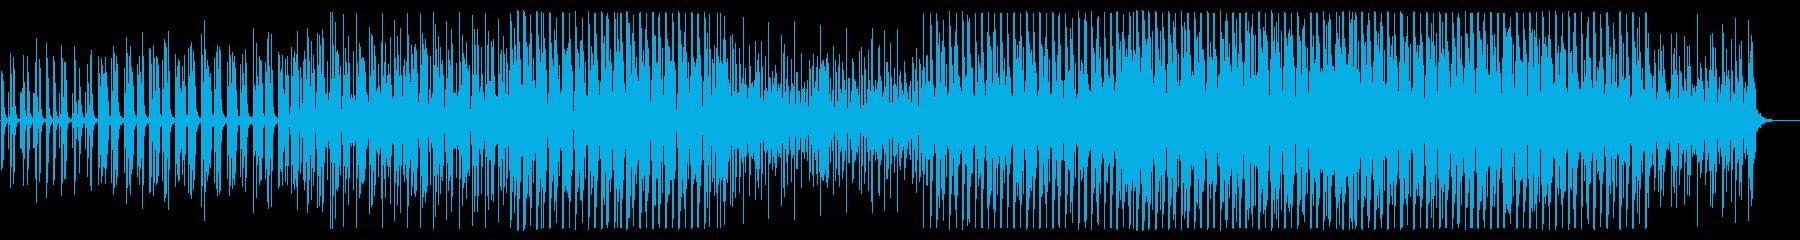 夏の終わり おしゃれなハウス EDMの再生済みの波形